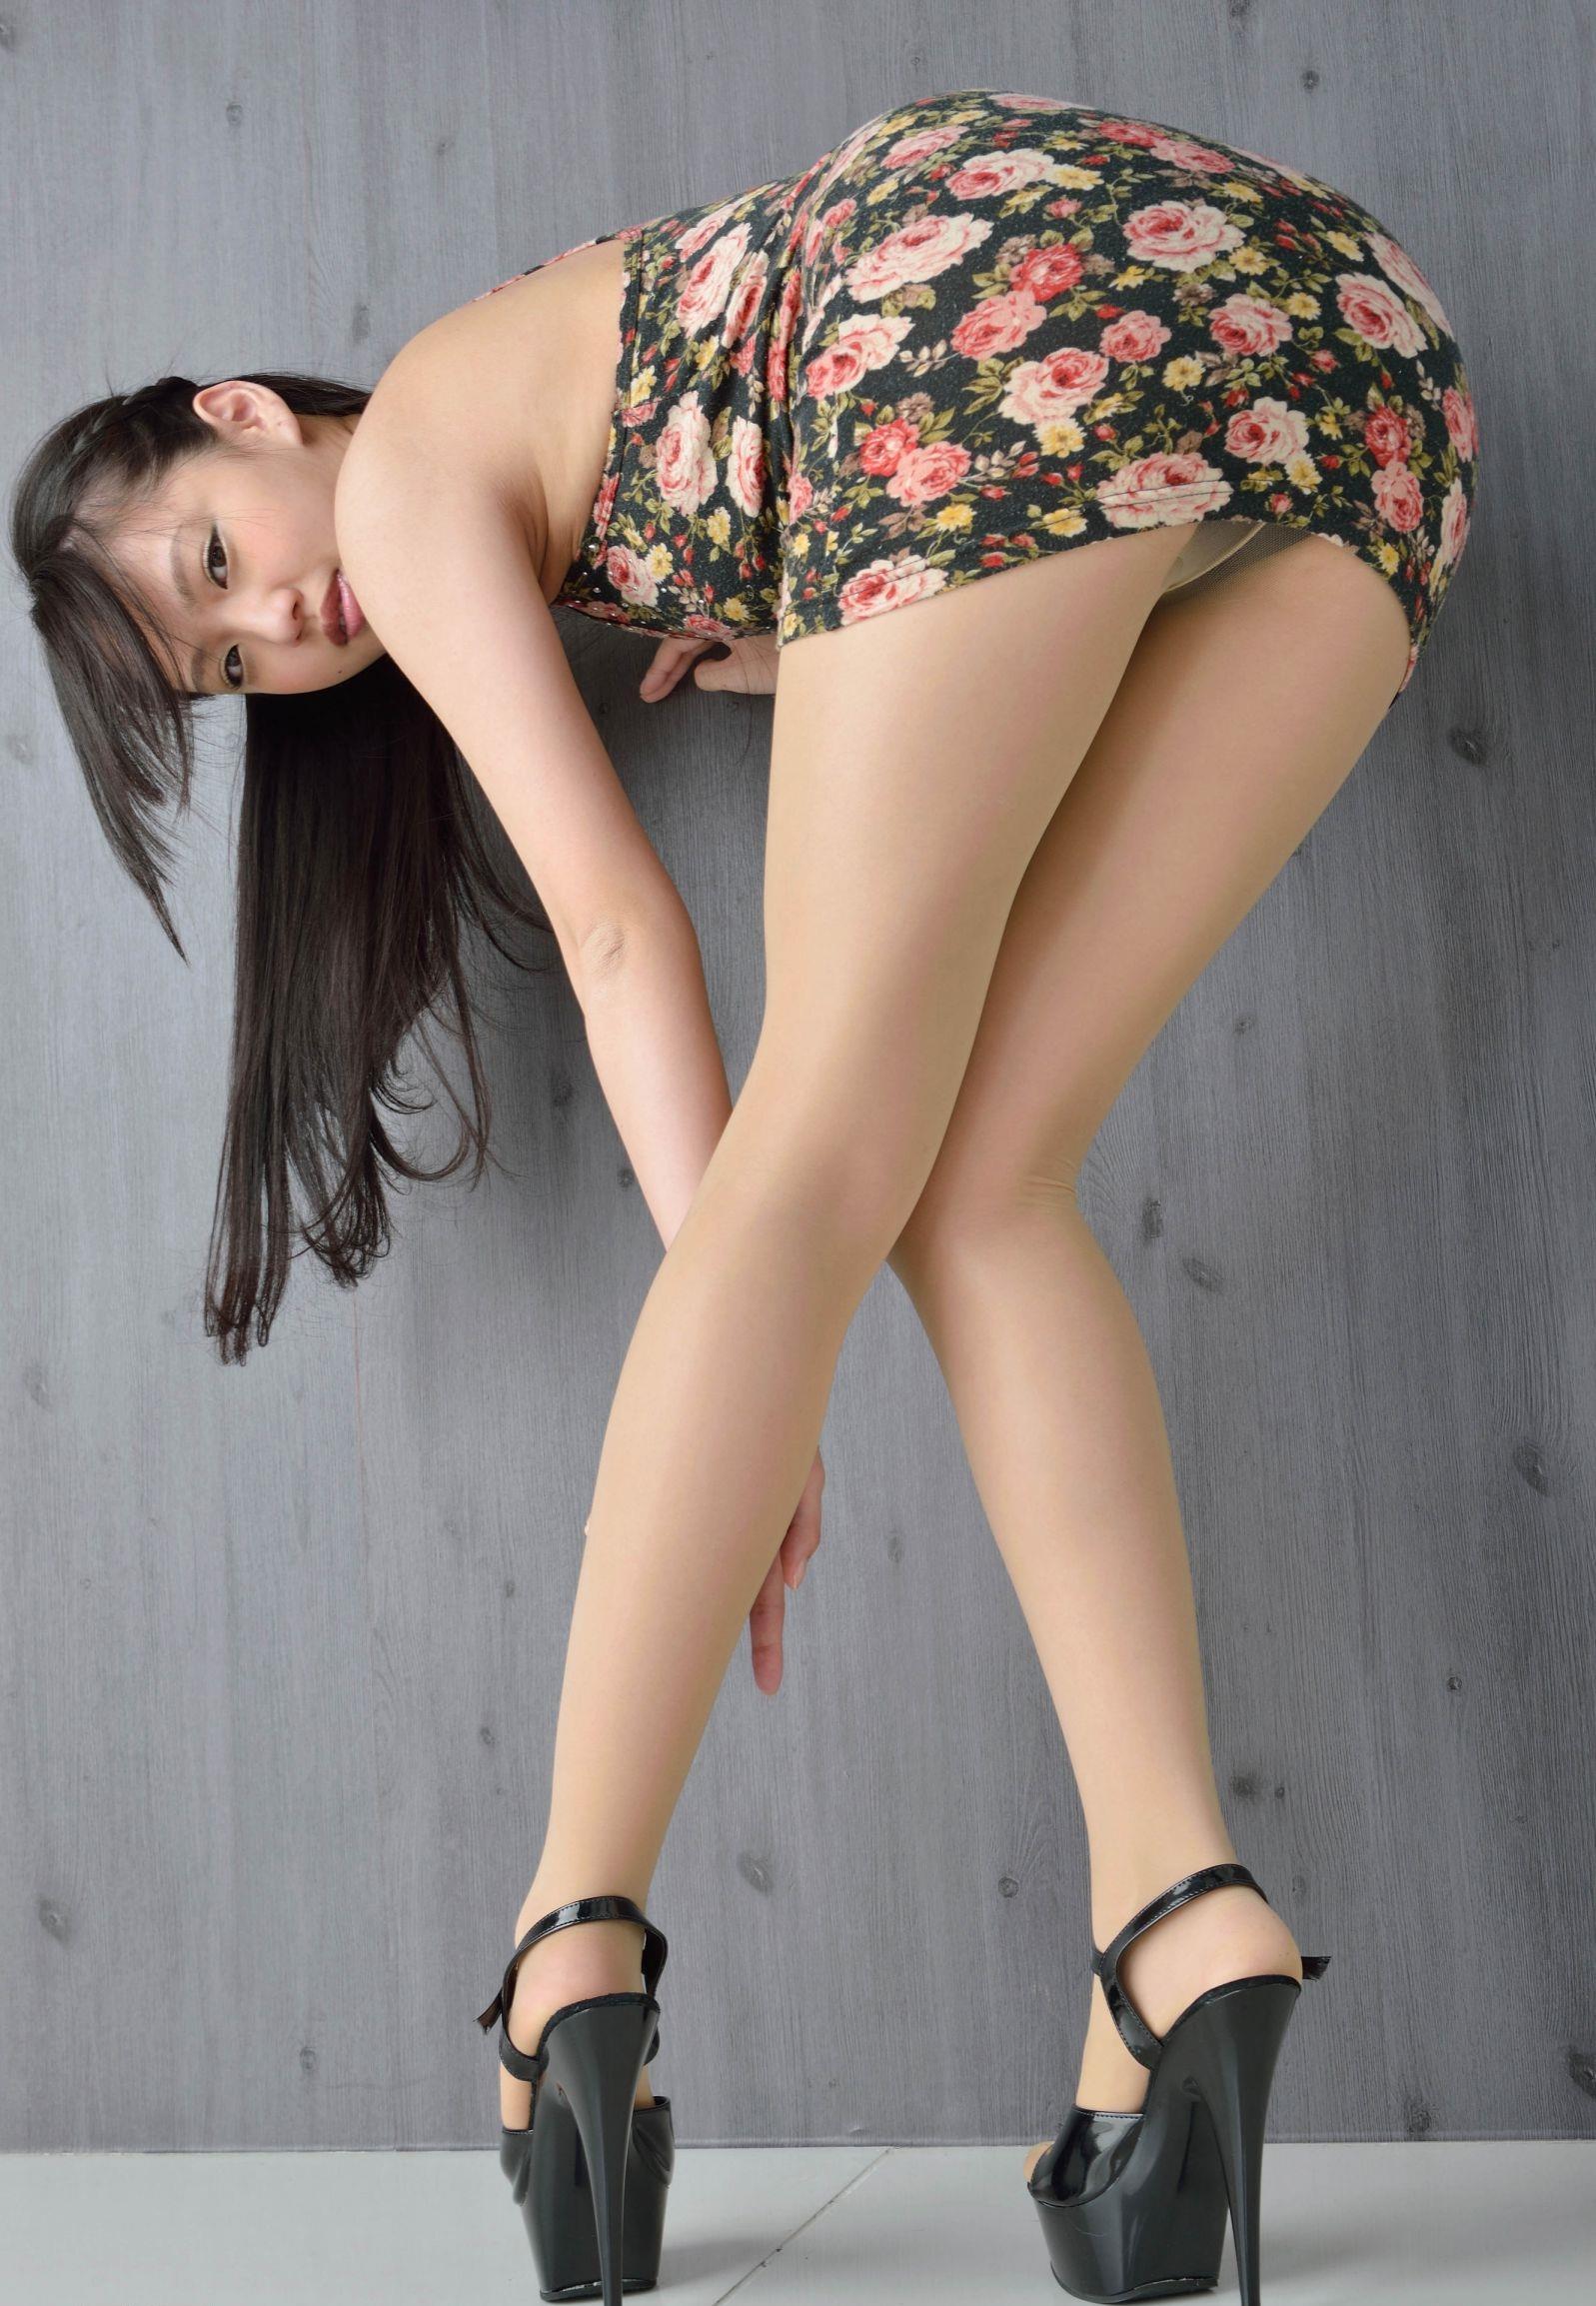 間宮夕貴 フェチ画像 14